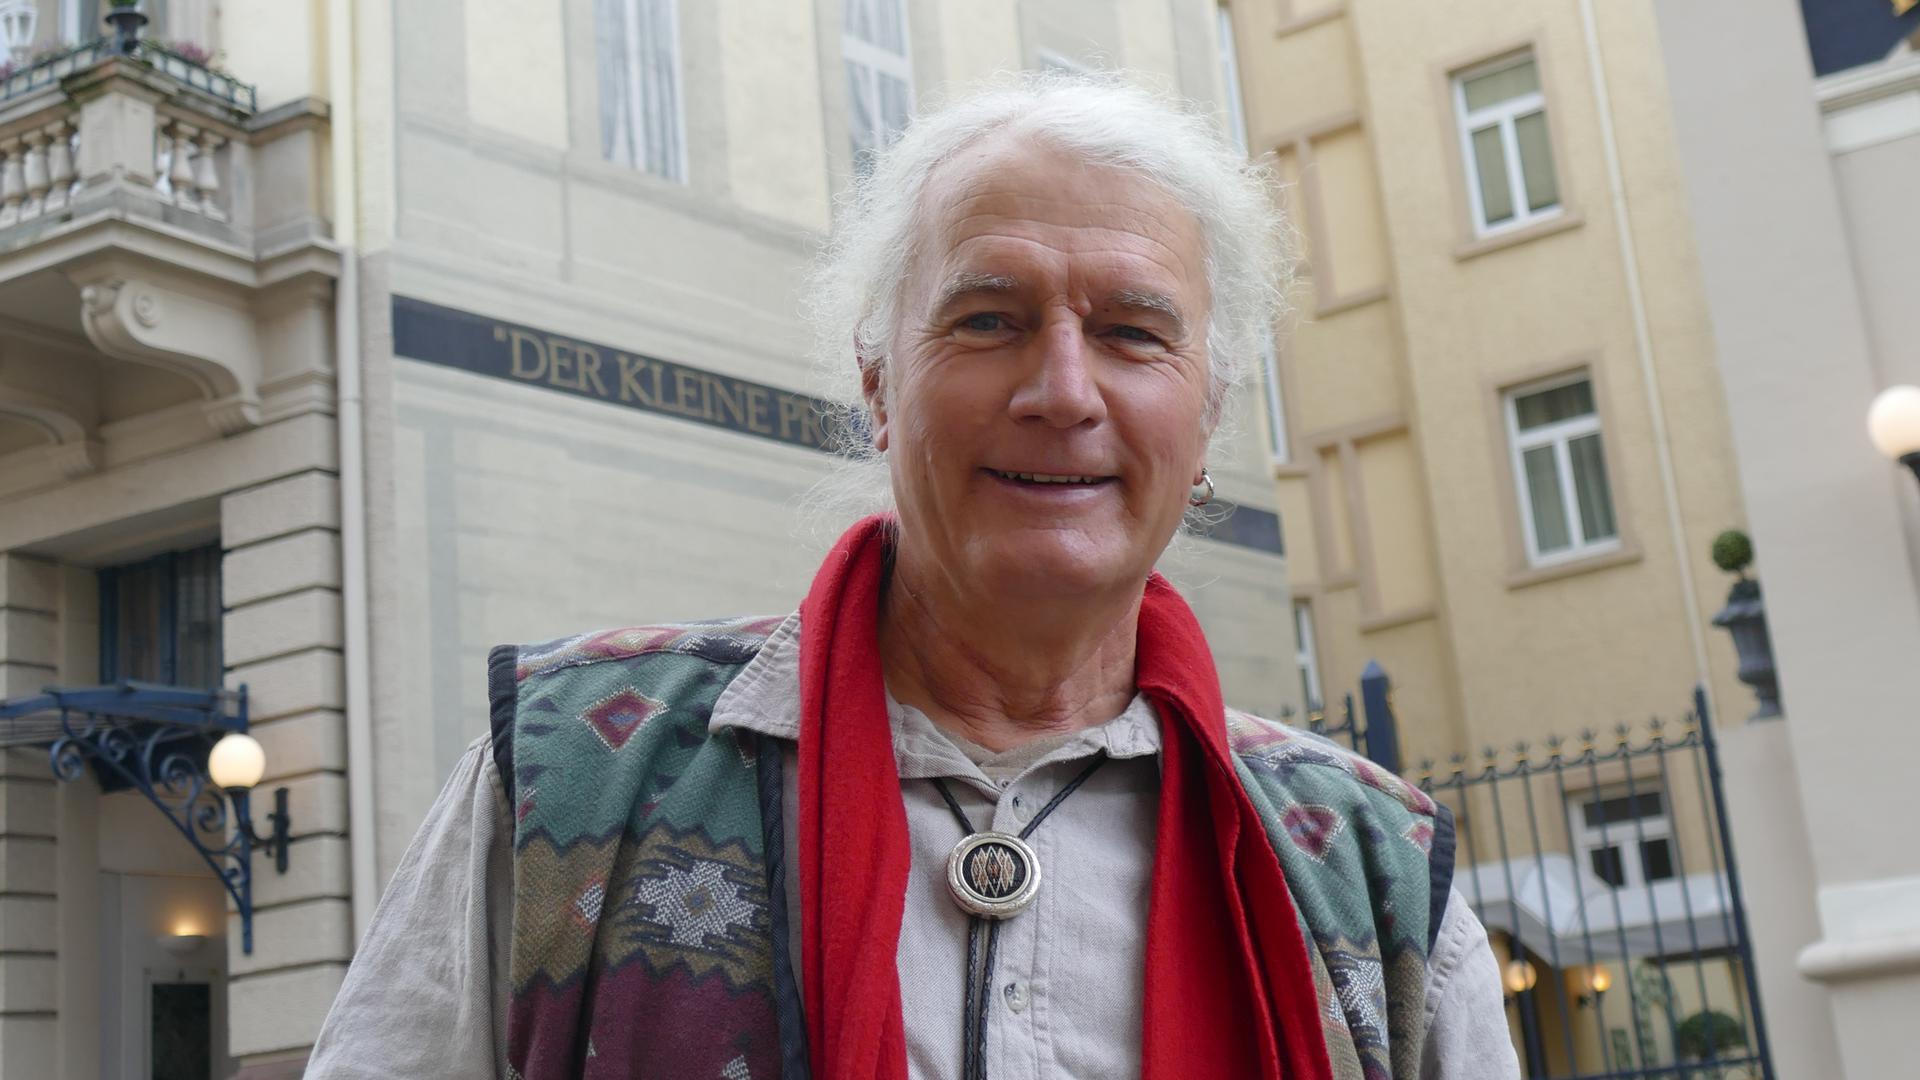 Künstler Bernd Krause steht vor seinem Fassadengemälde am Hotel Der kleine Prinz